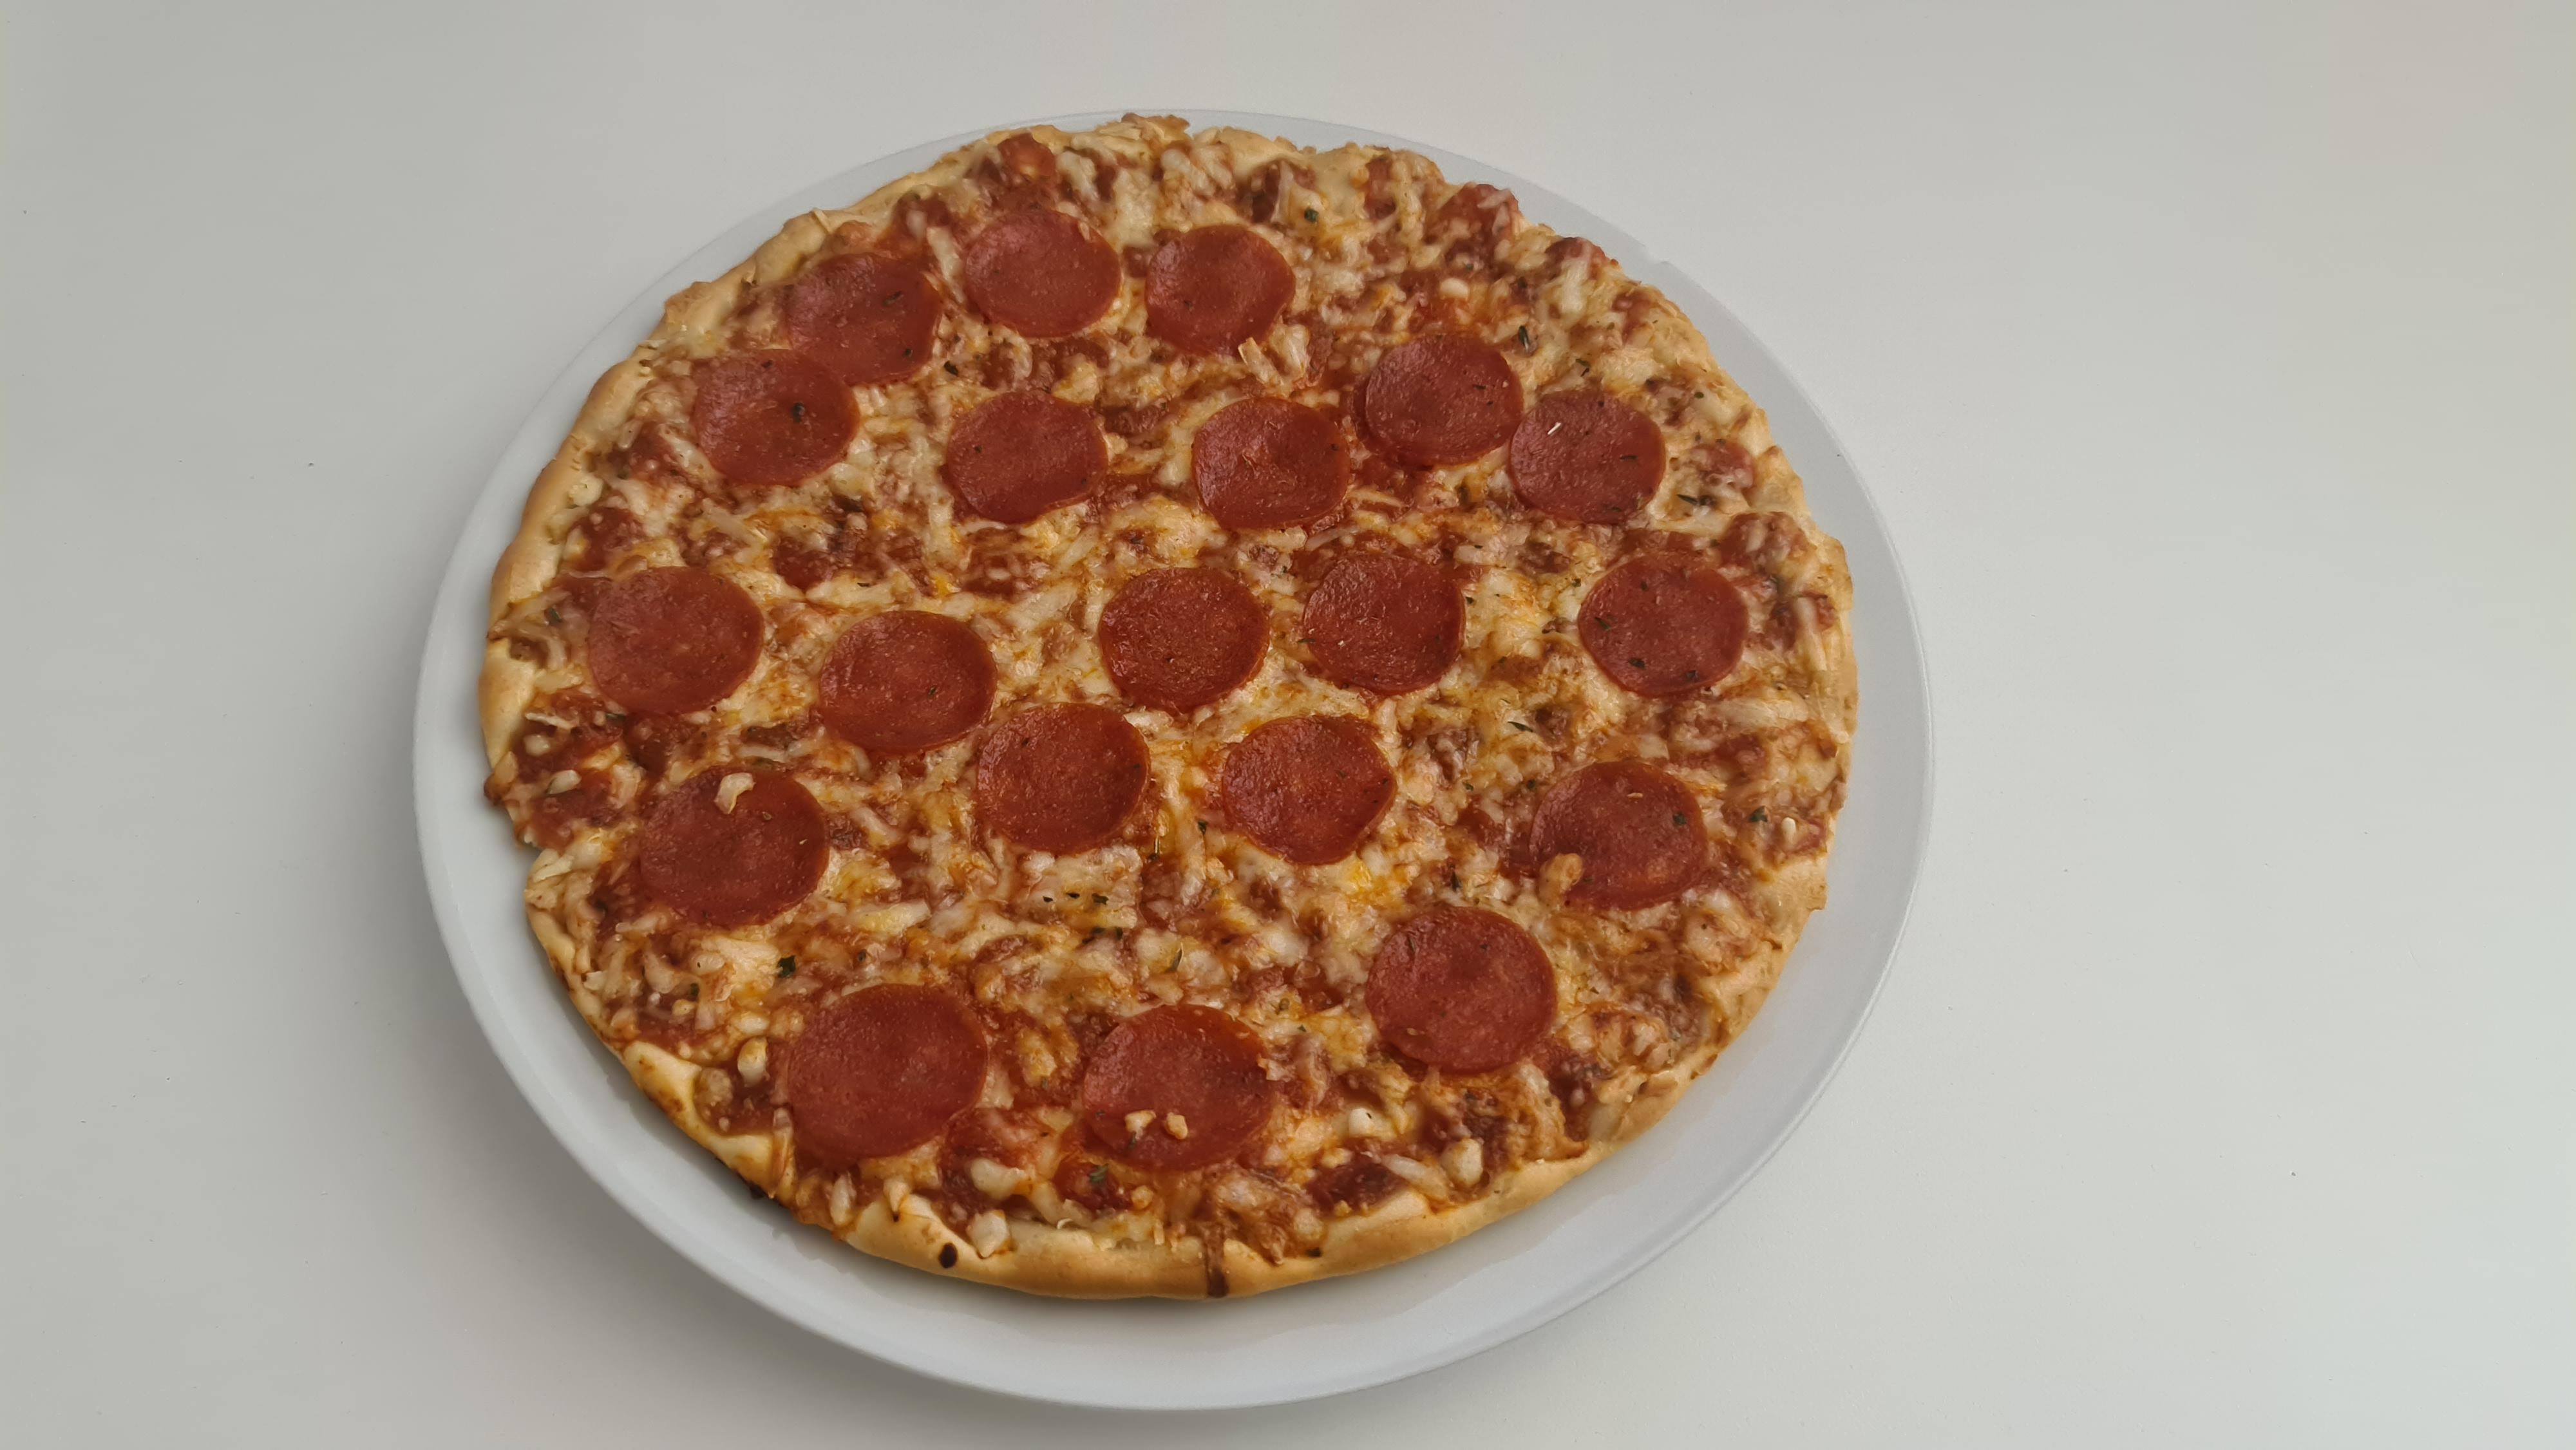 https://foodloader.net/Holz_2020-07-18_Pizza.jpg